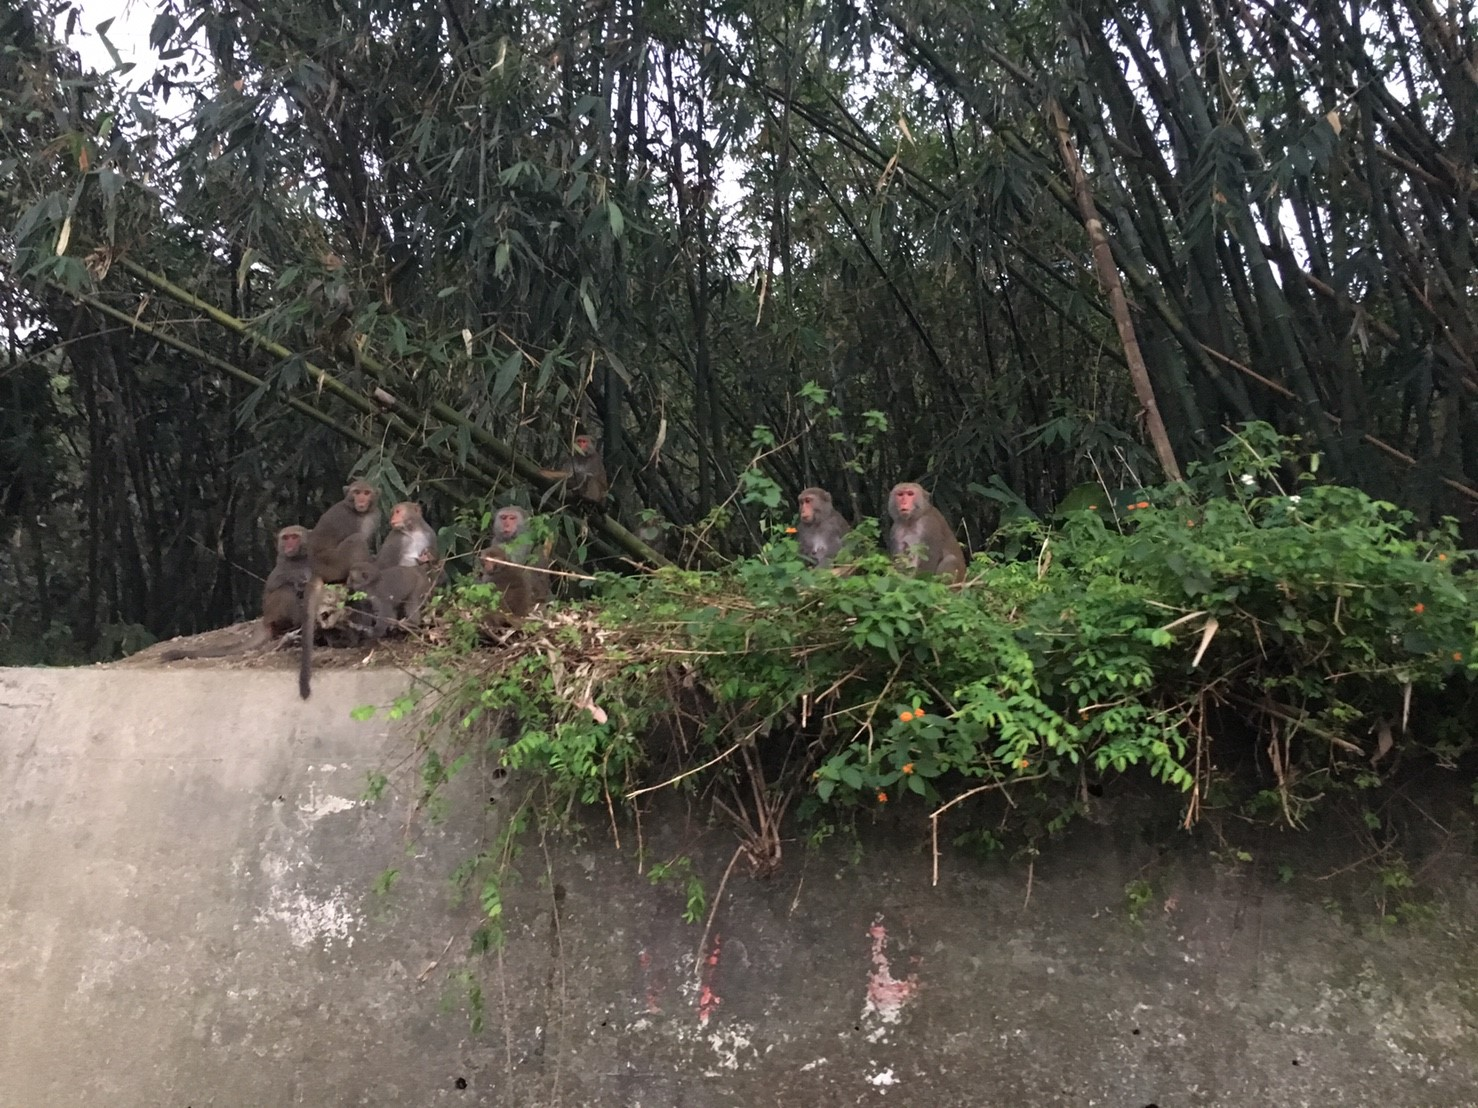 今天親眼看到雲林《林內的林北村的猴群》,但可惜沒見到傳說中的小白猴..